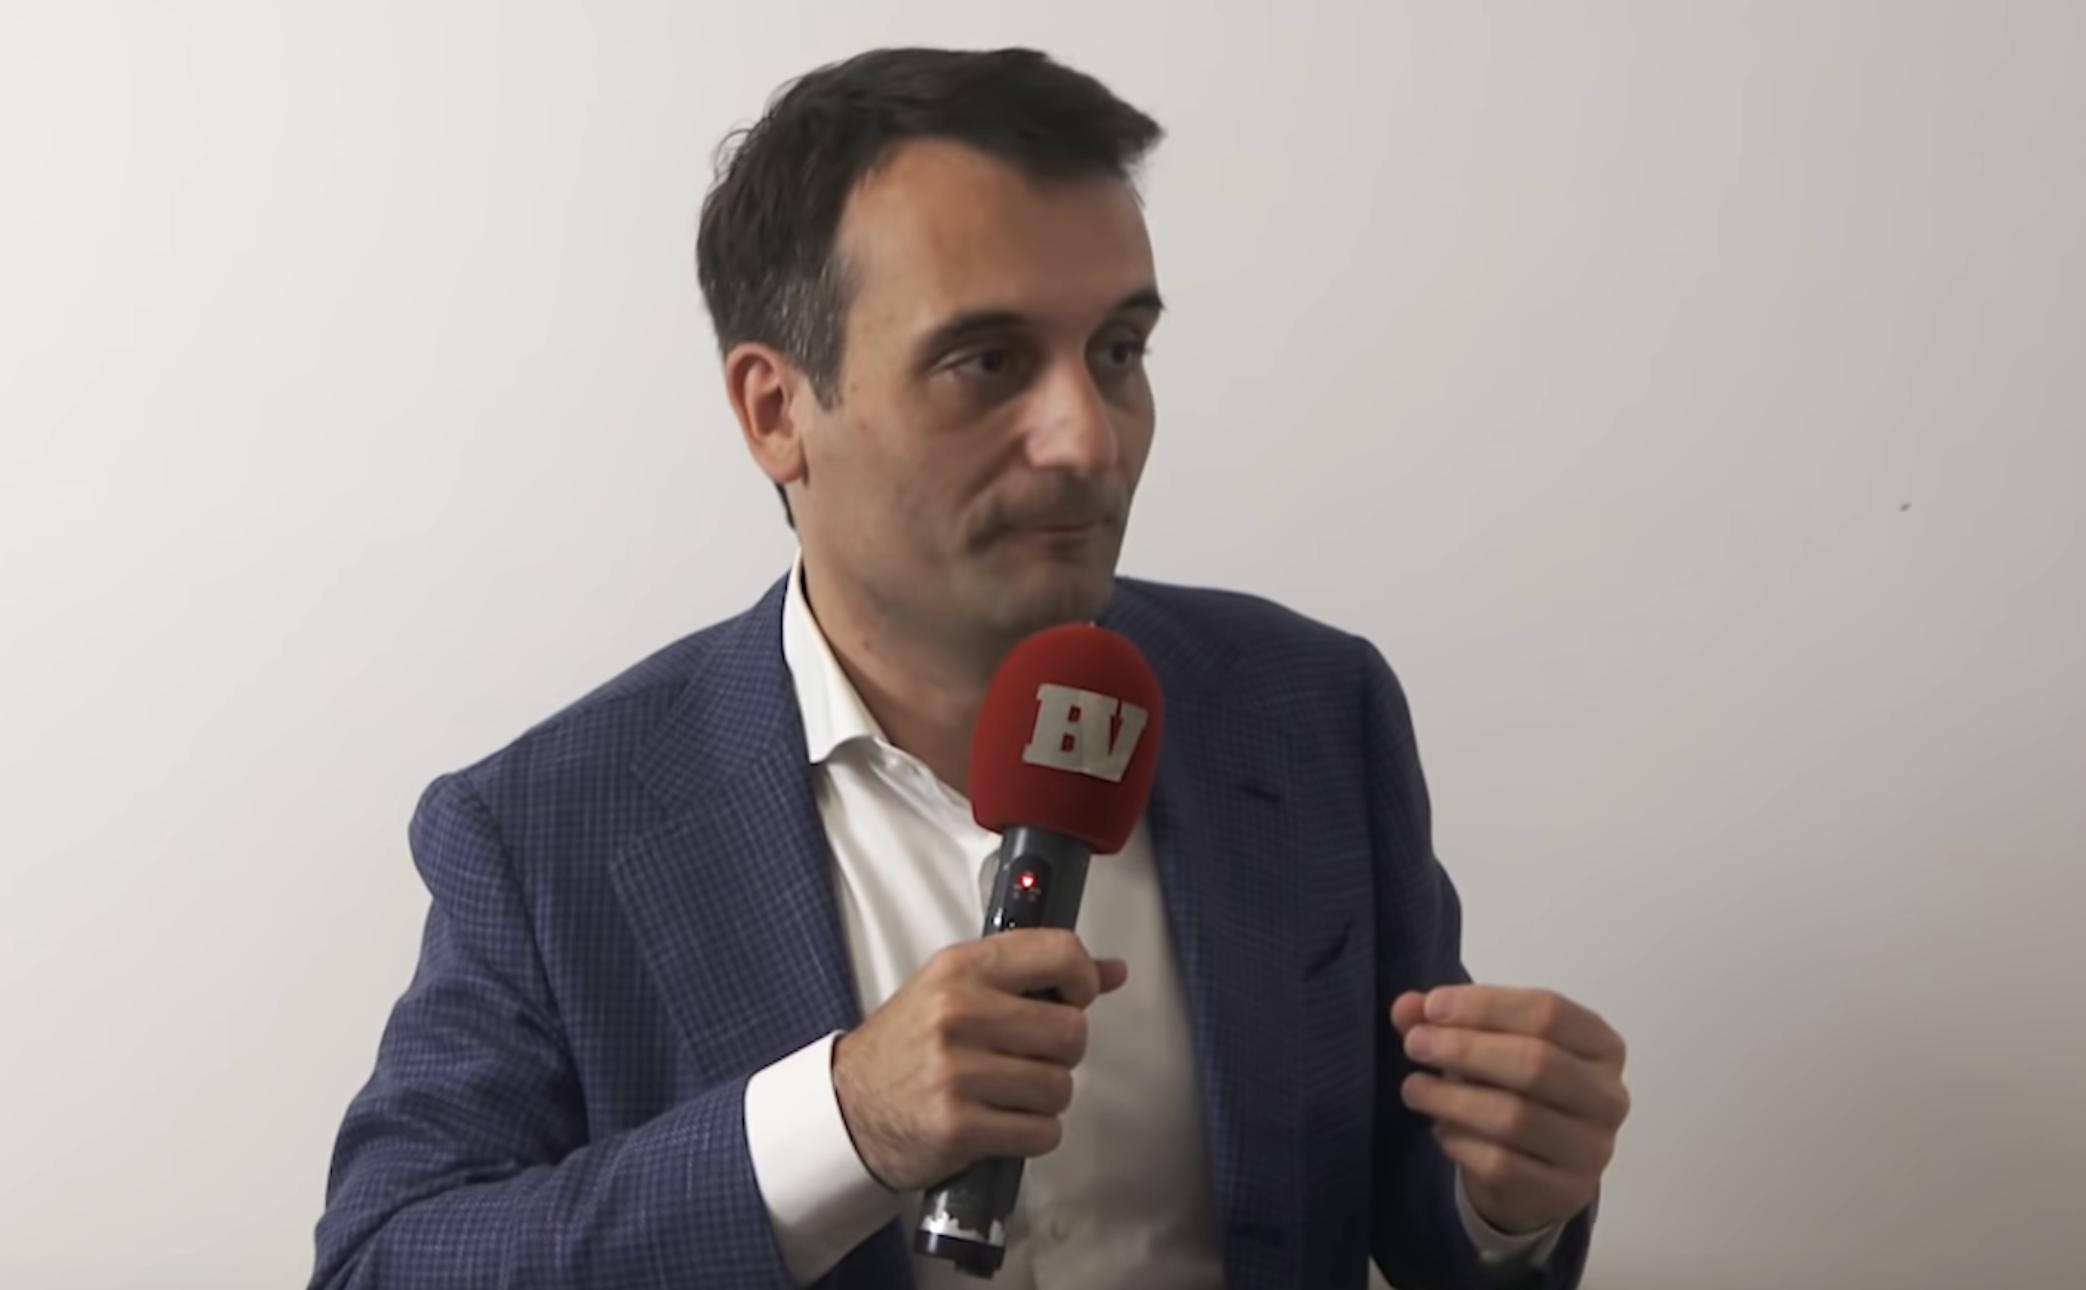 Révolte contre le pass sanitaire : entretien avec Florian Philippot (VIDÉO)